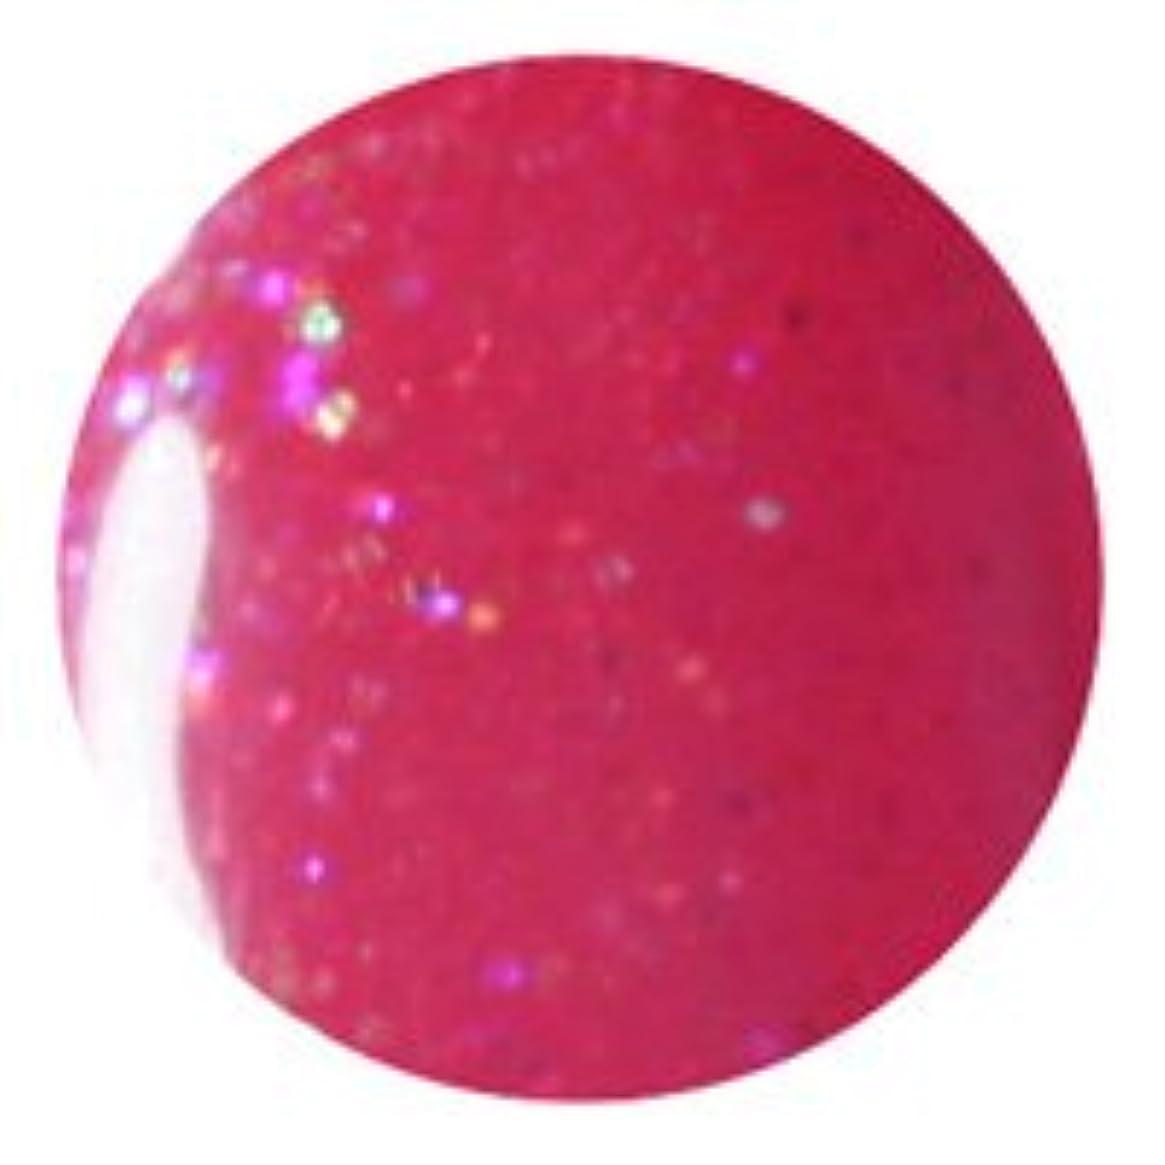 弾力性のあるトピックメイドpara gel(パラジェル) デザイナーズカラージェル 4g<BR>G015 カシスジュレ